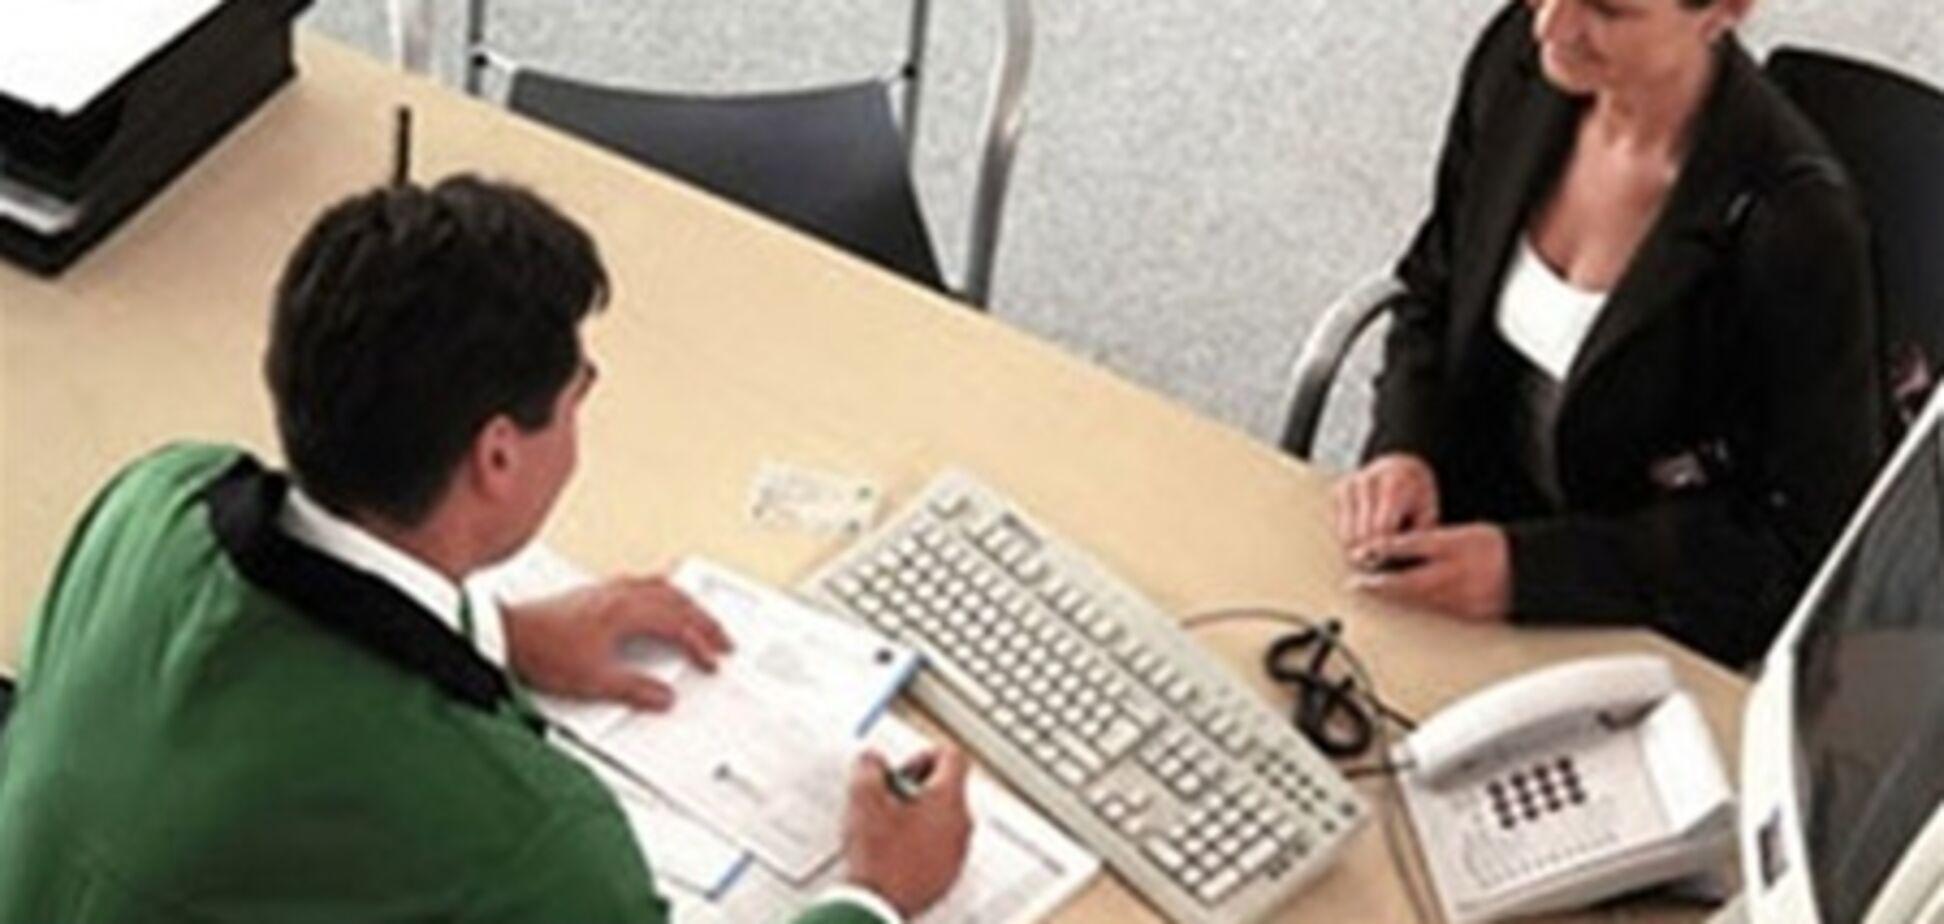 ГИУ хочет в 2013 году выдать 4 тыс. кредитов